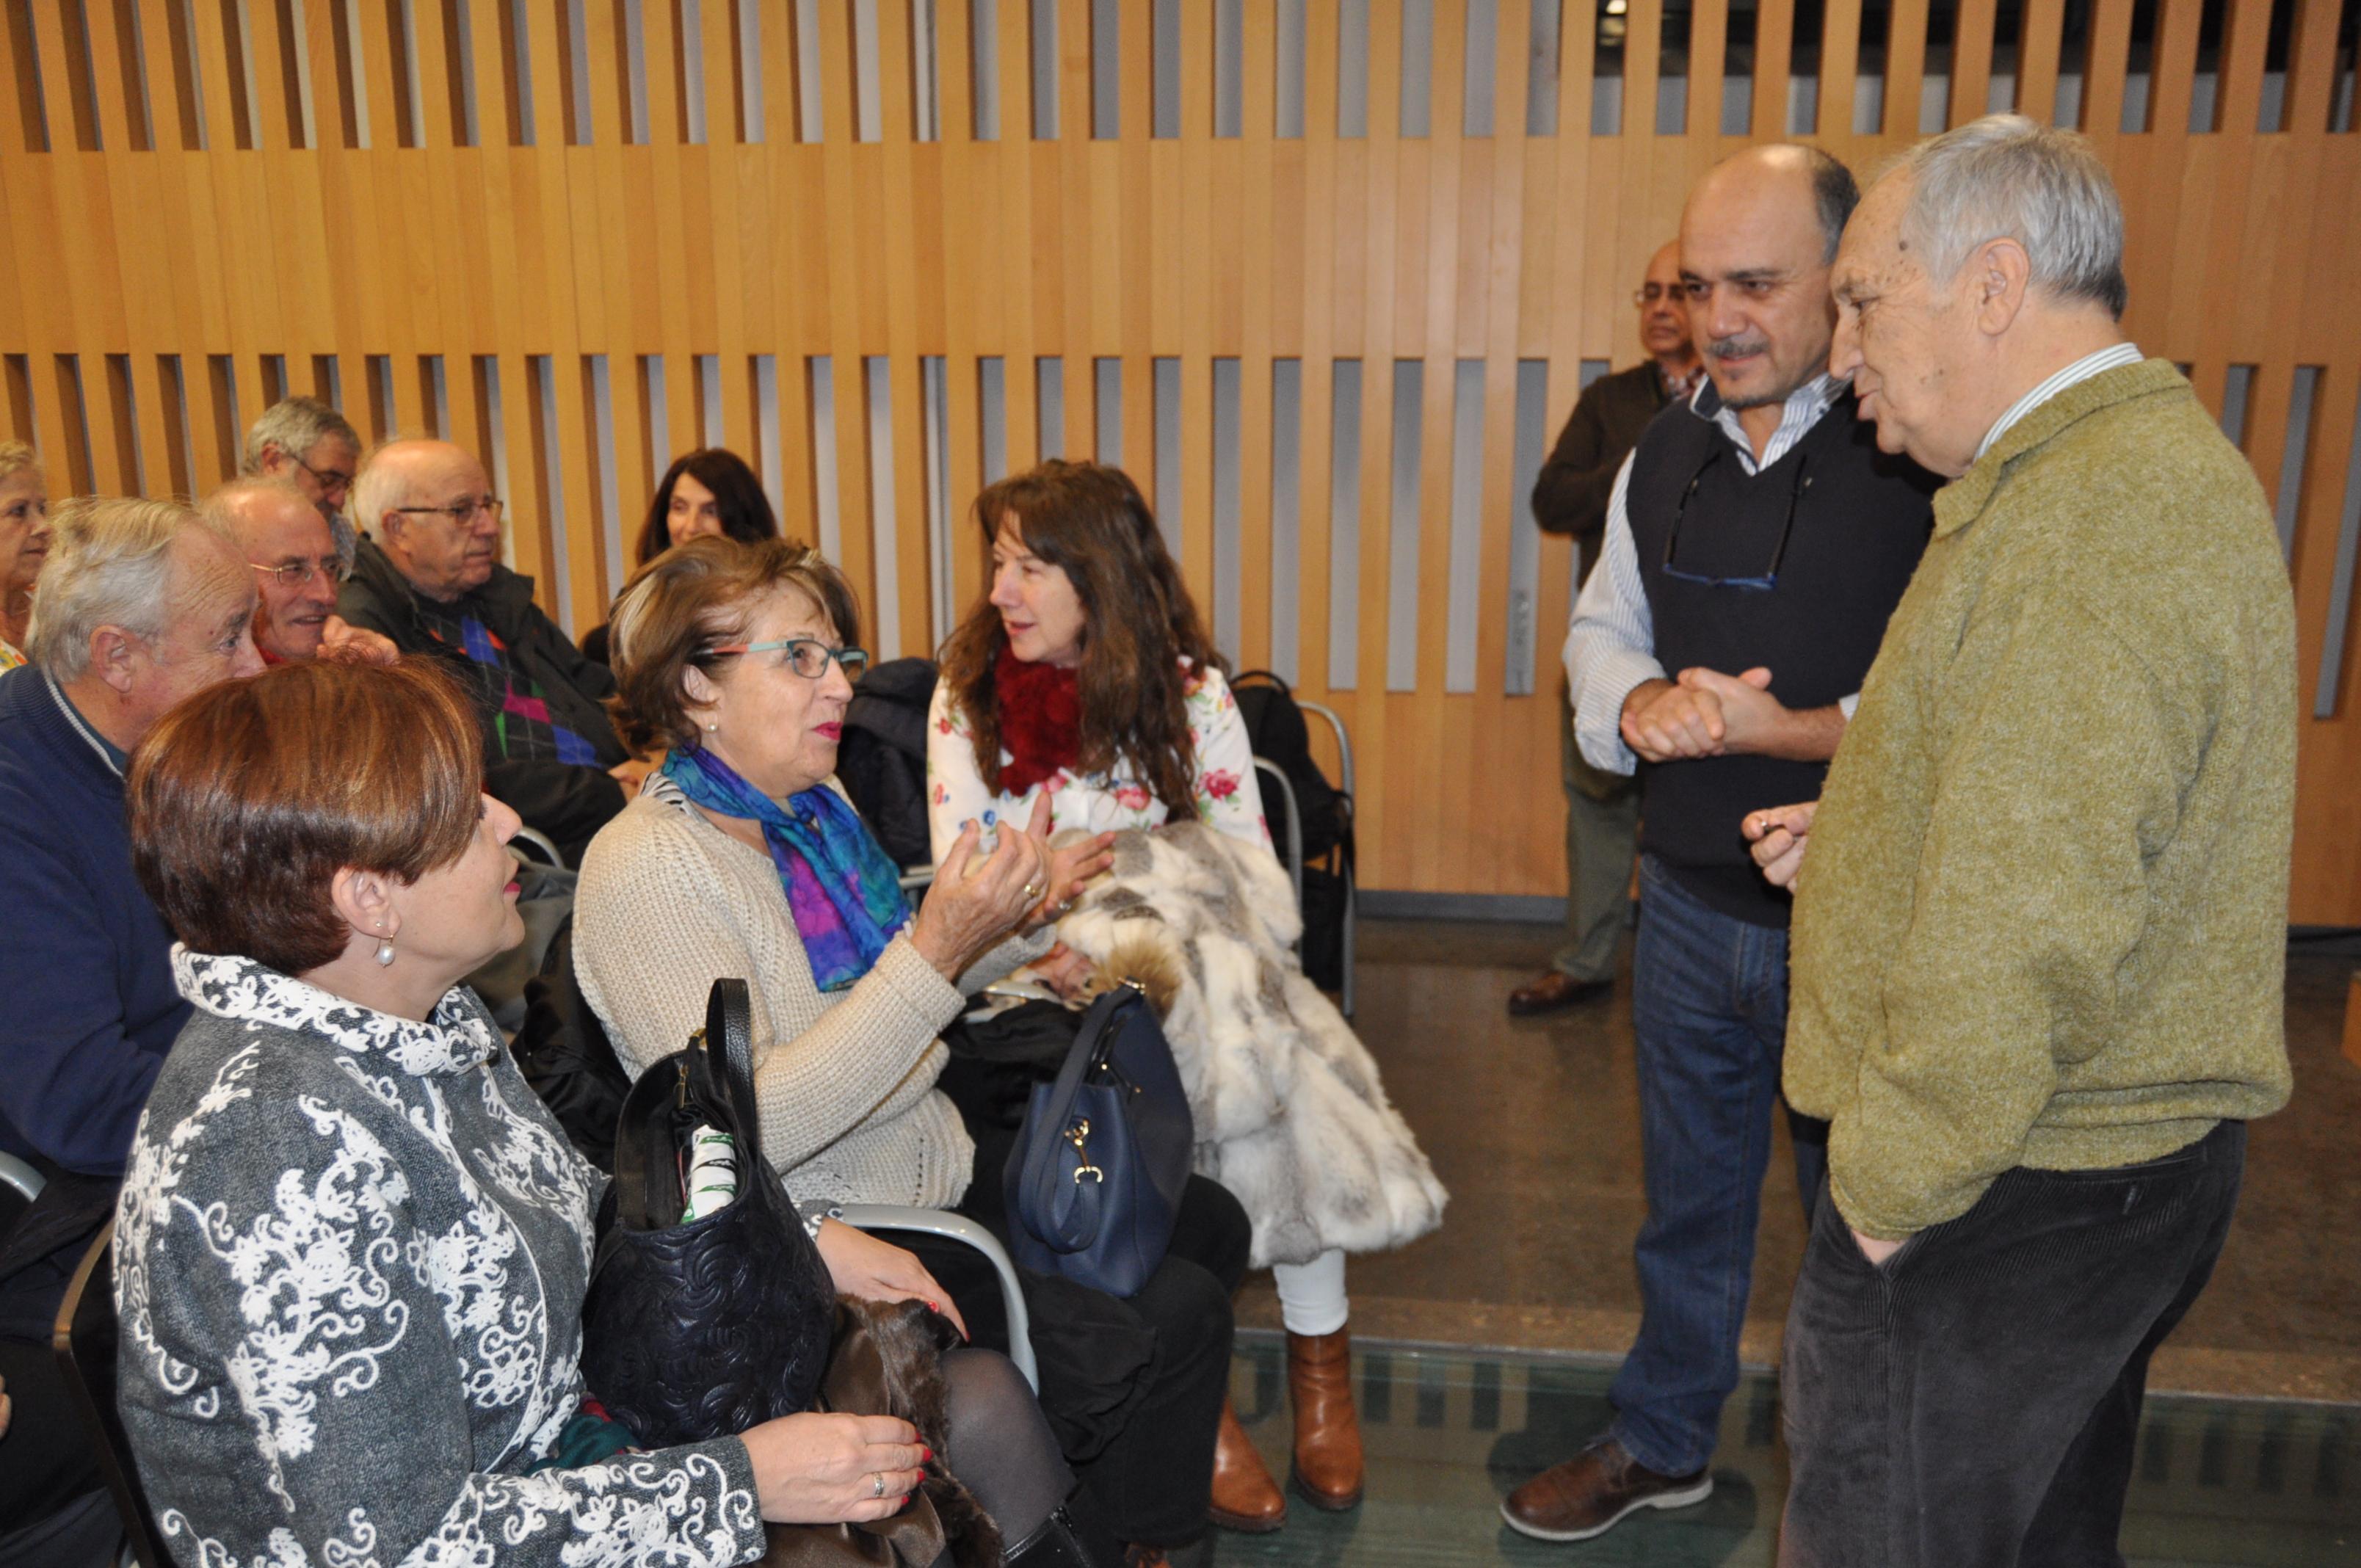 José Luis y Ramón charlan con algunas personas asistentes al acto.